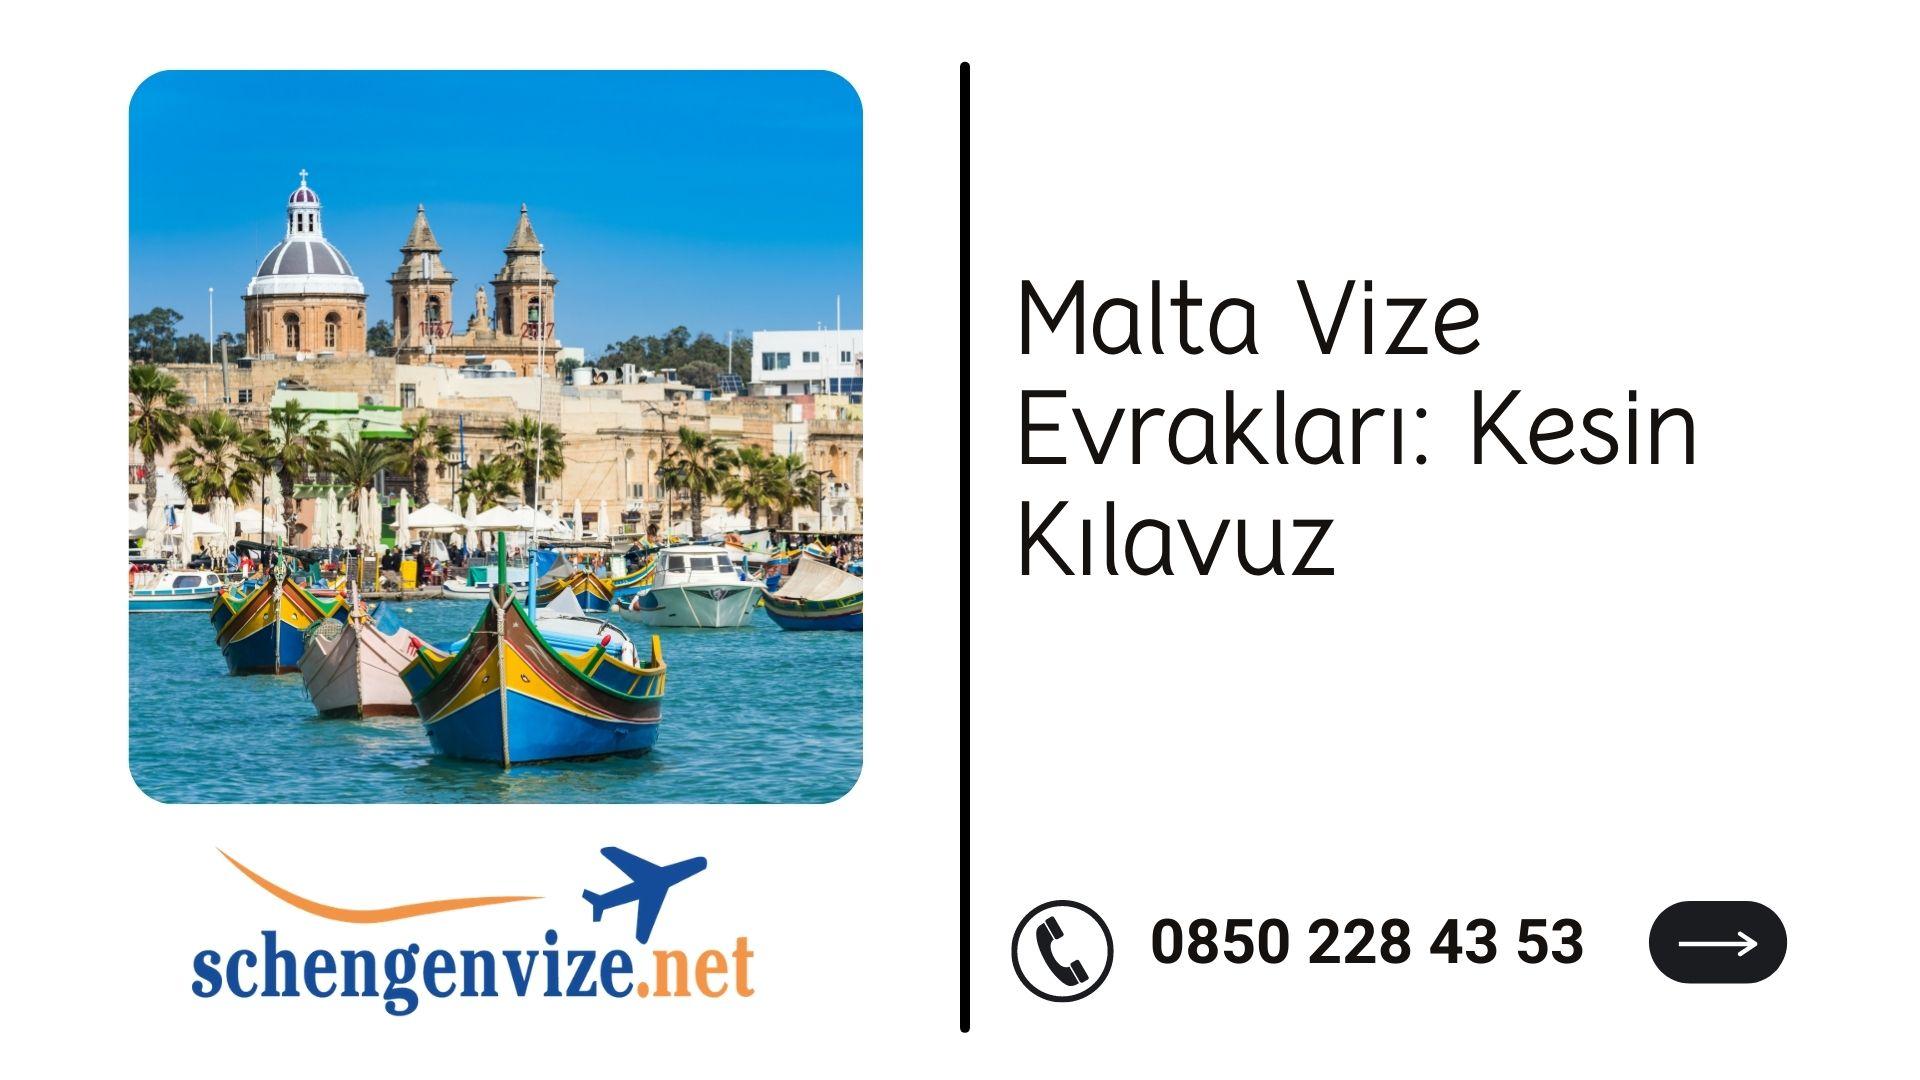 Malta Vize Evrakları: Kesin Kılavuz 2021